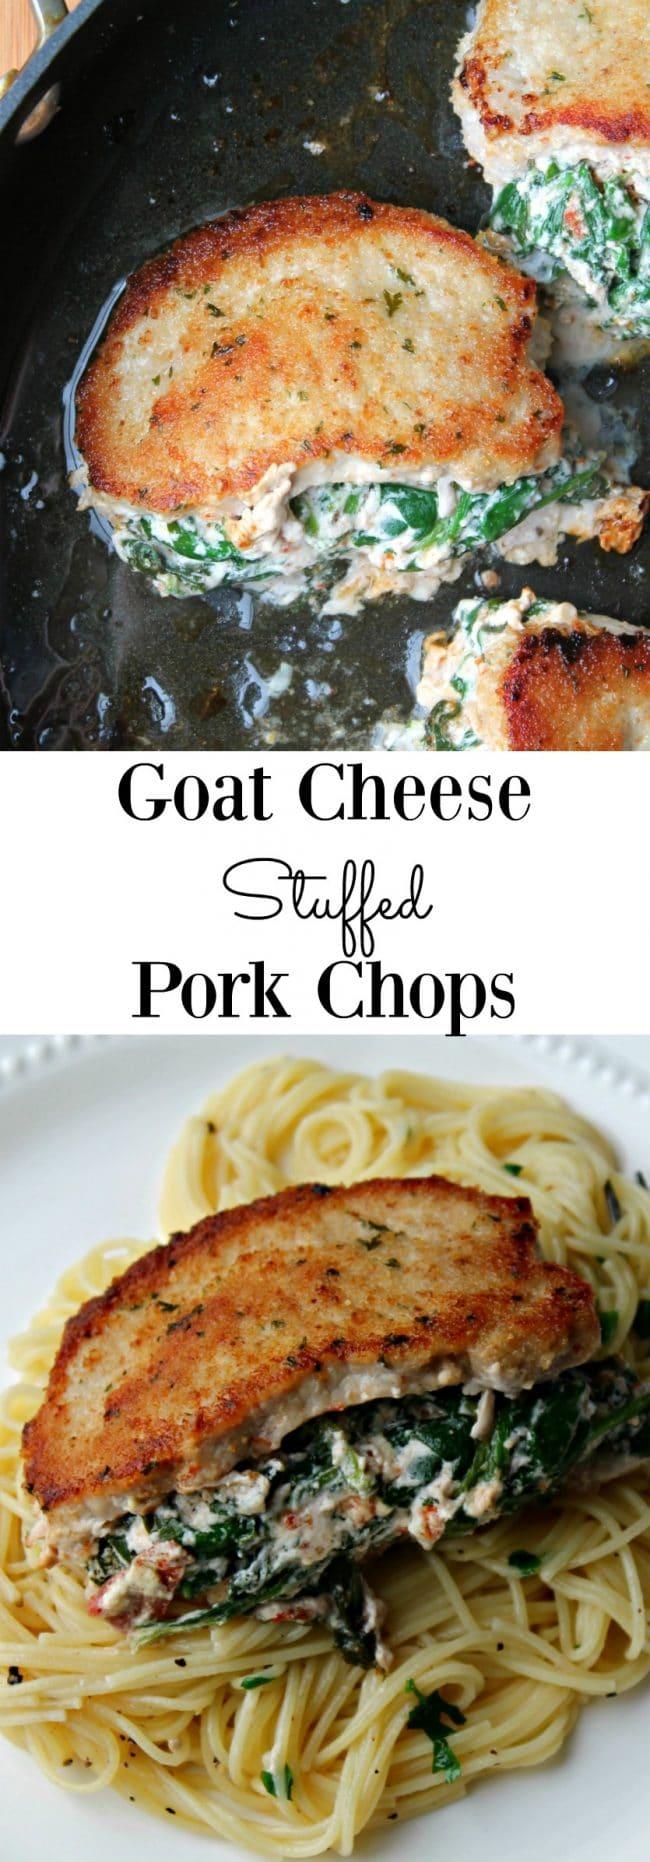 Goat Cheese Stuffed Pork Chops - Foody Schmoody Blog   Foody Schmoody ...